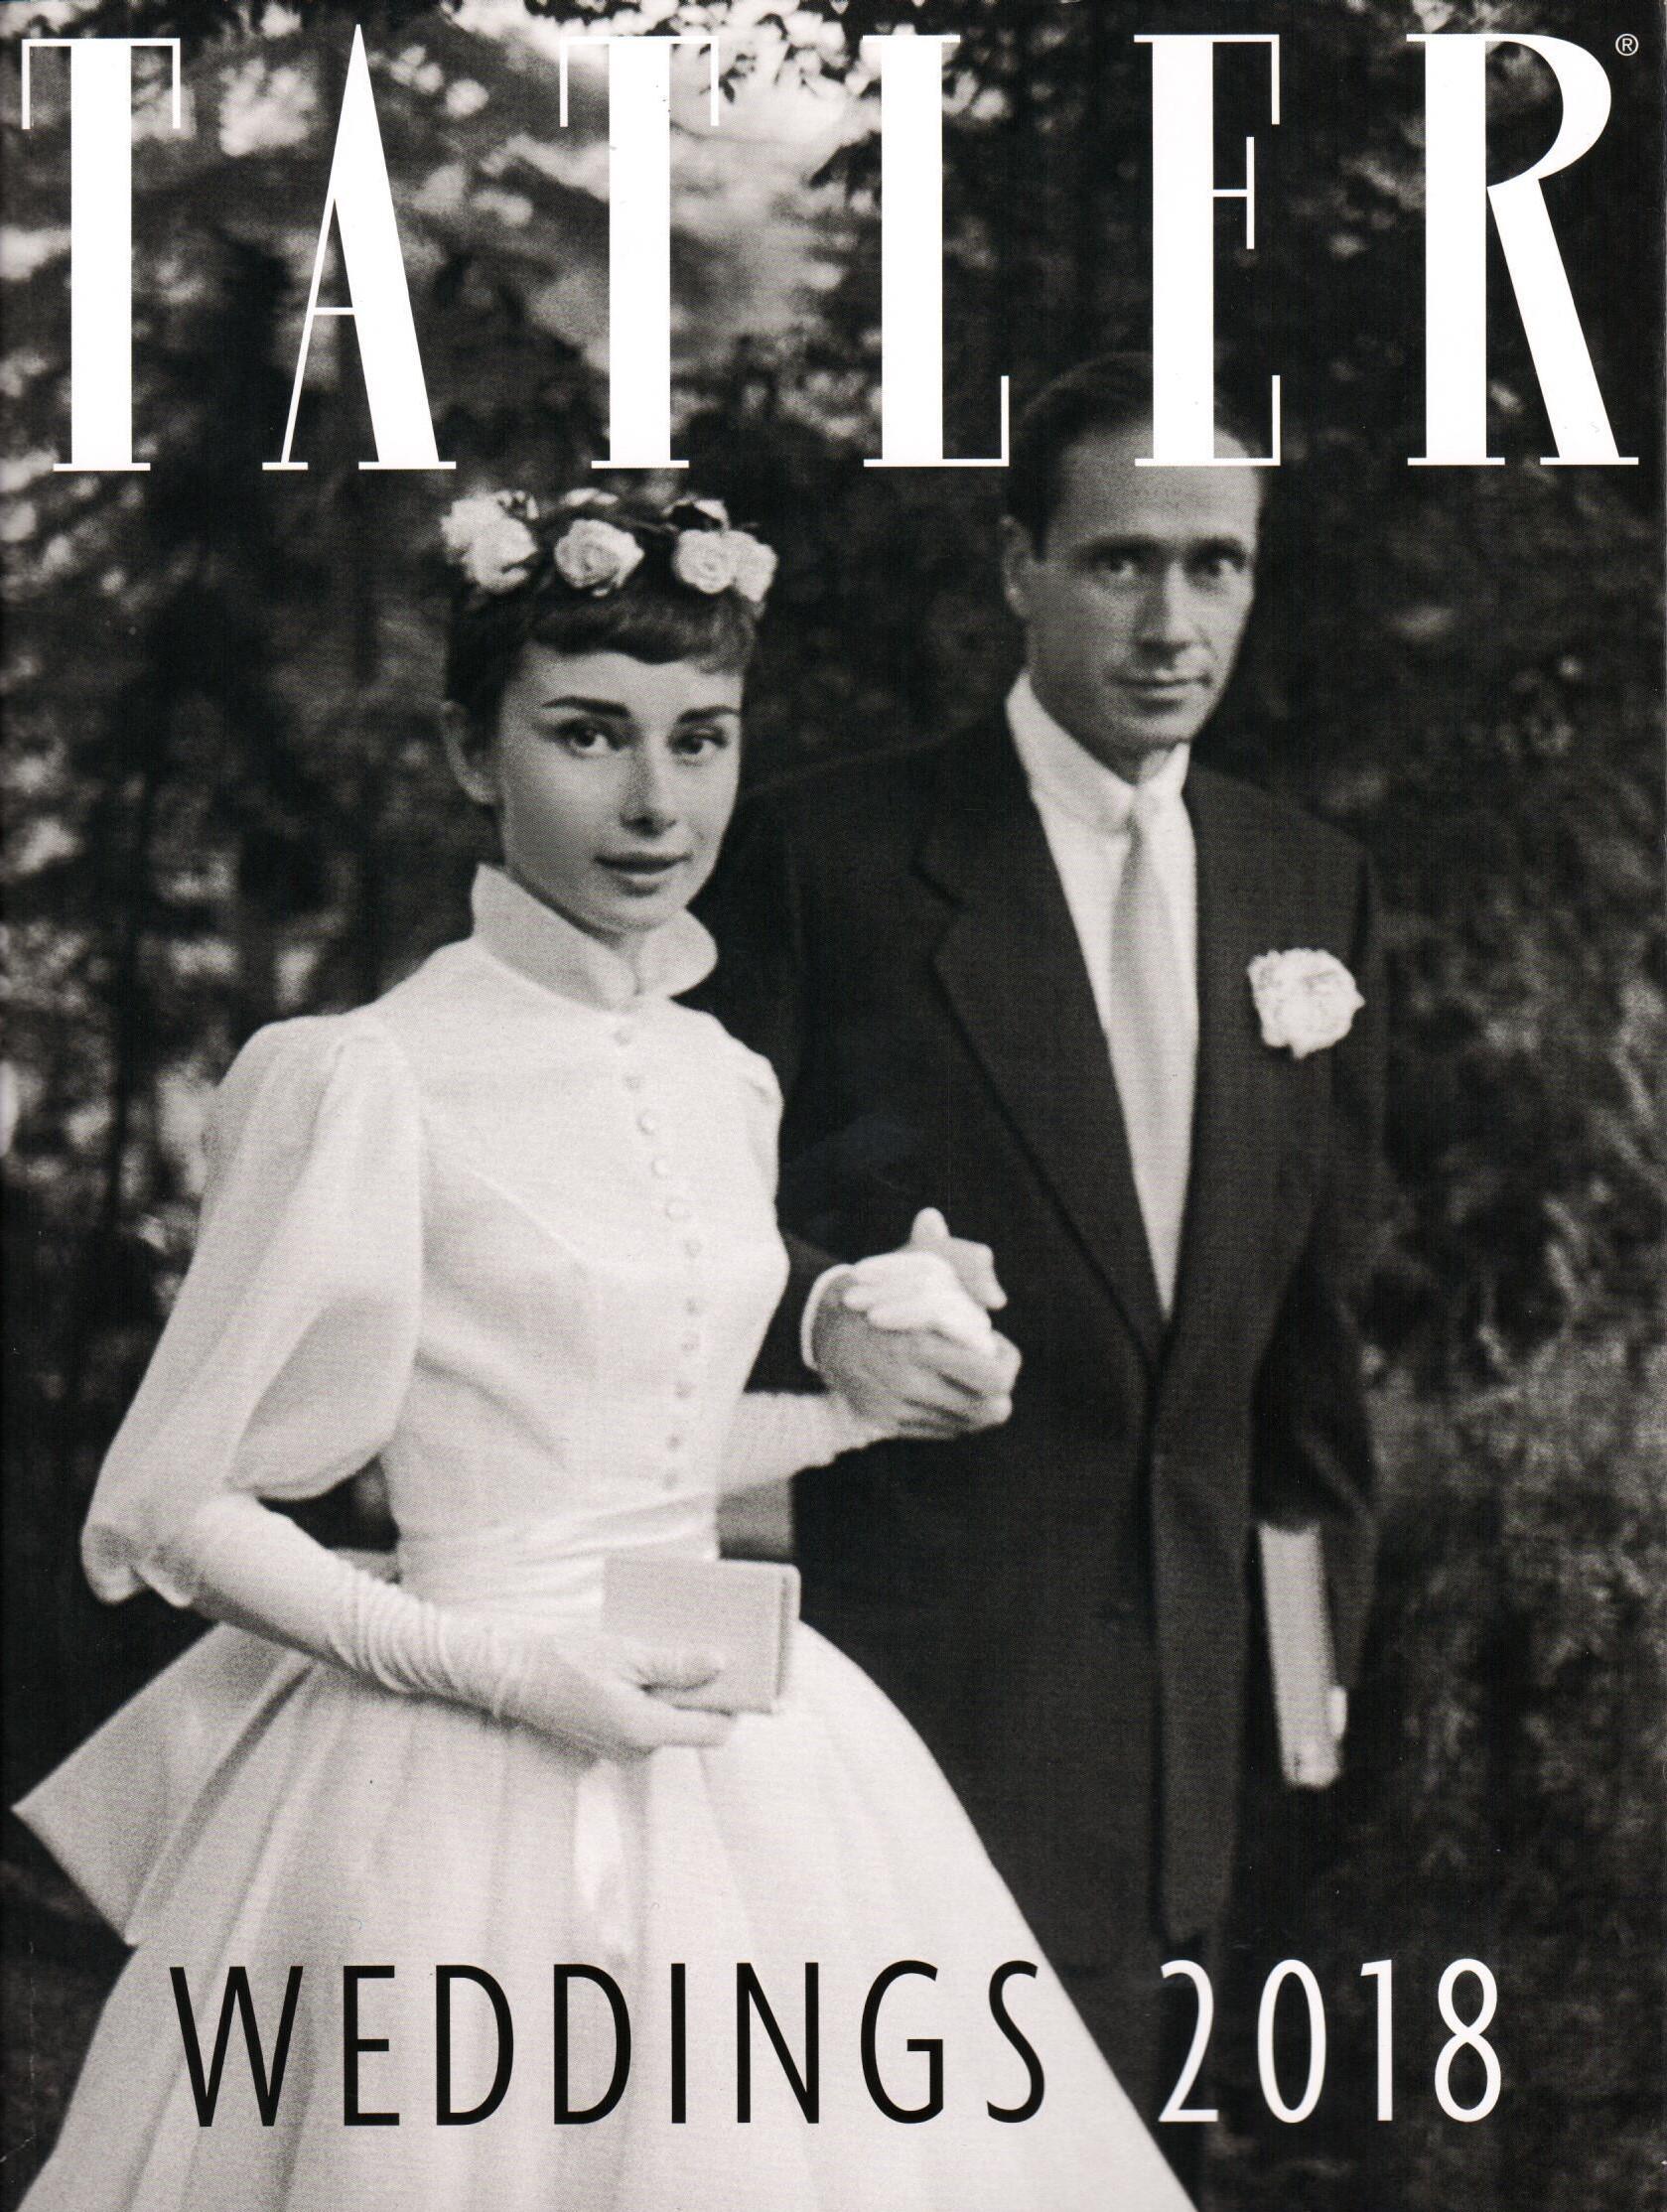 Tatler Weddings 2018 cover.jpg